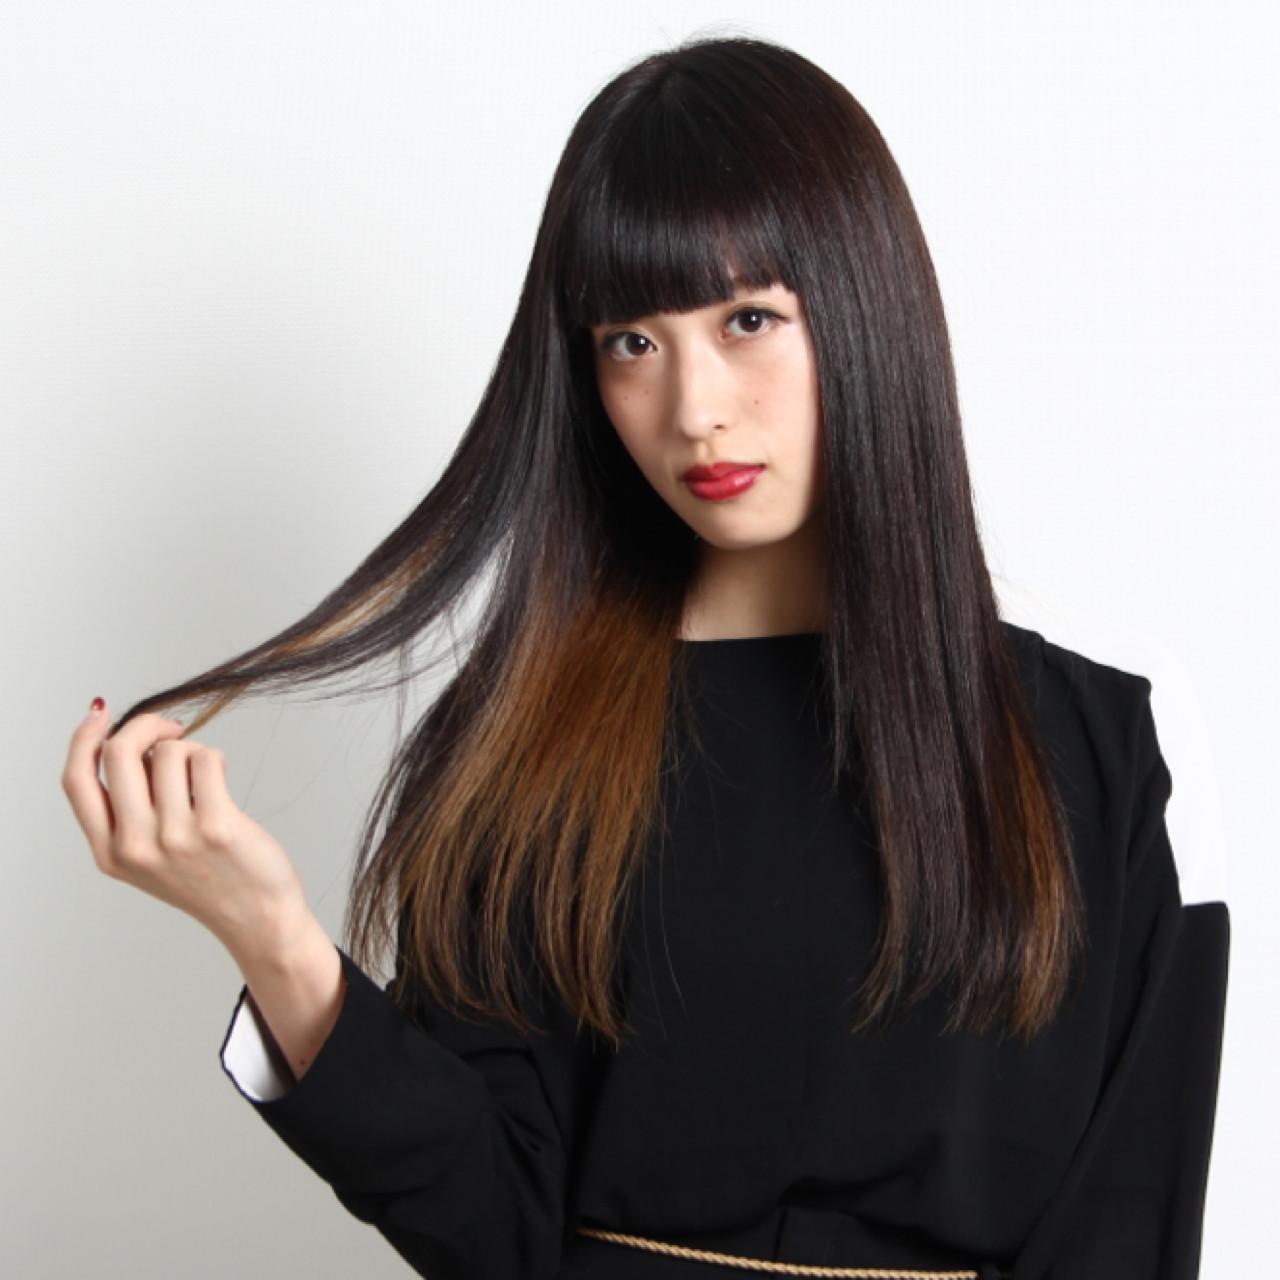 おしゃれヘアスタイル2017!編集部オススメ髪型を長さ別ヘアカタログでお届け! 矢部 美咲